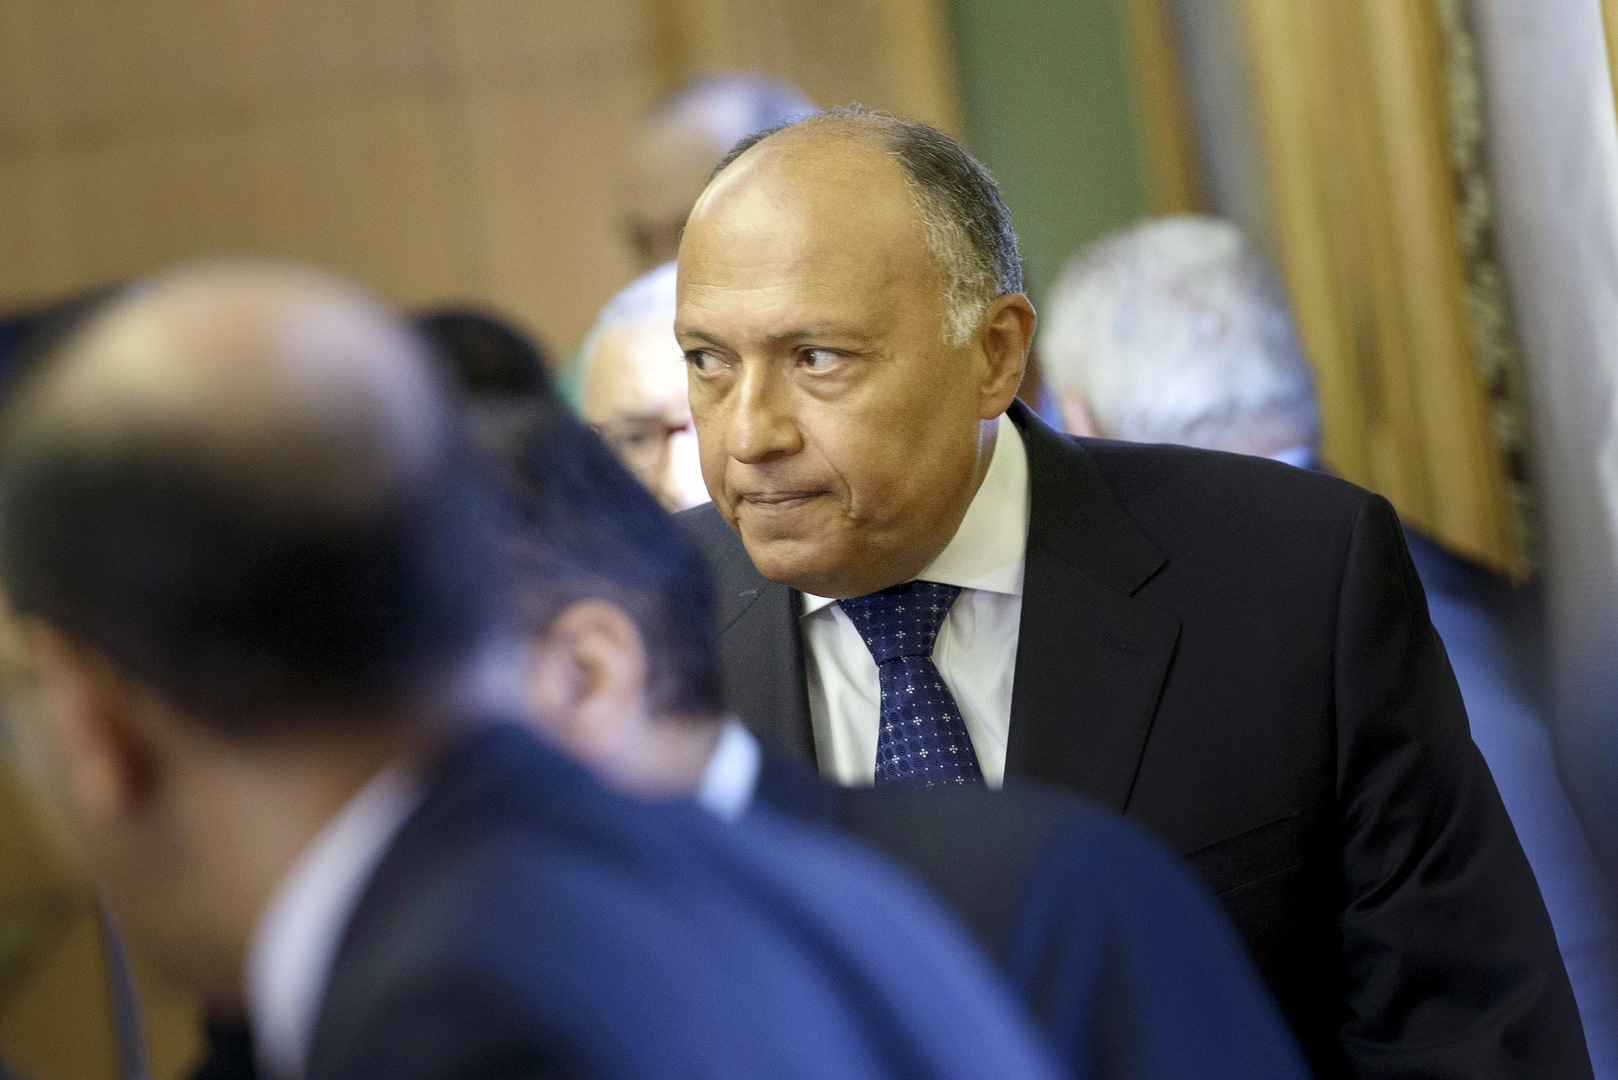 وزير الخارجية المصري: حديث إثيوبيا لا يبشر بوجود إرادة سياسية للتوصل لاتفاق حول سد النهضة